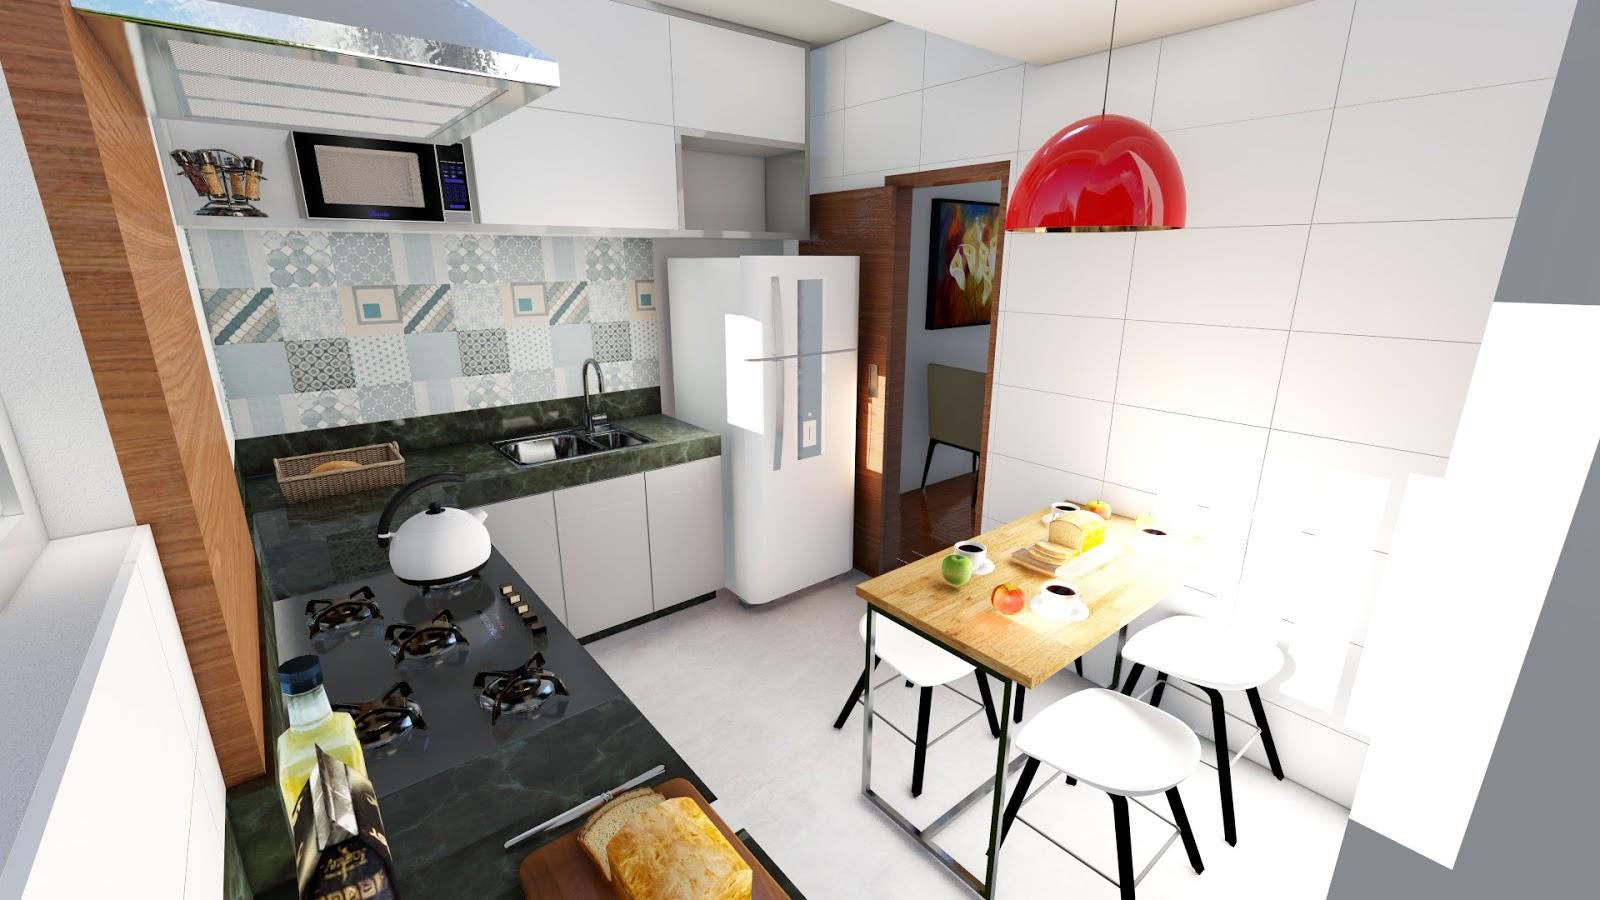 Reforma Cozinha Rea De Servi Os E Sala De Estar Nova Gameleira